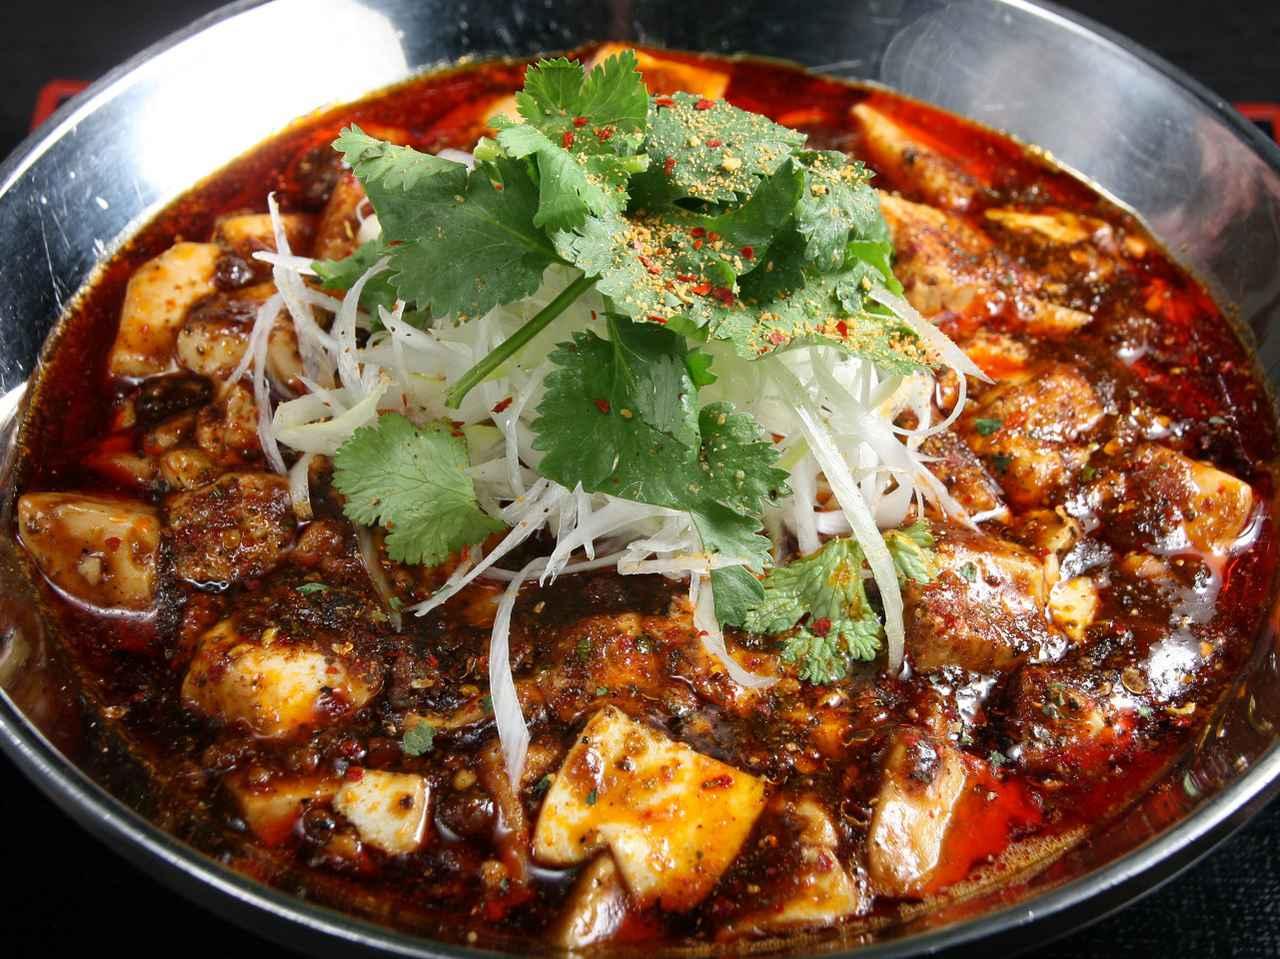 画像: カラシビスパイスマーボー麺 中辛。まさにスパイシーで香りも豊か